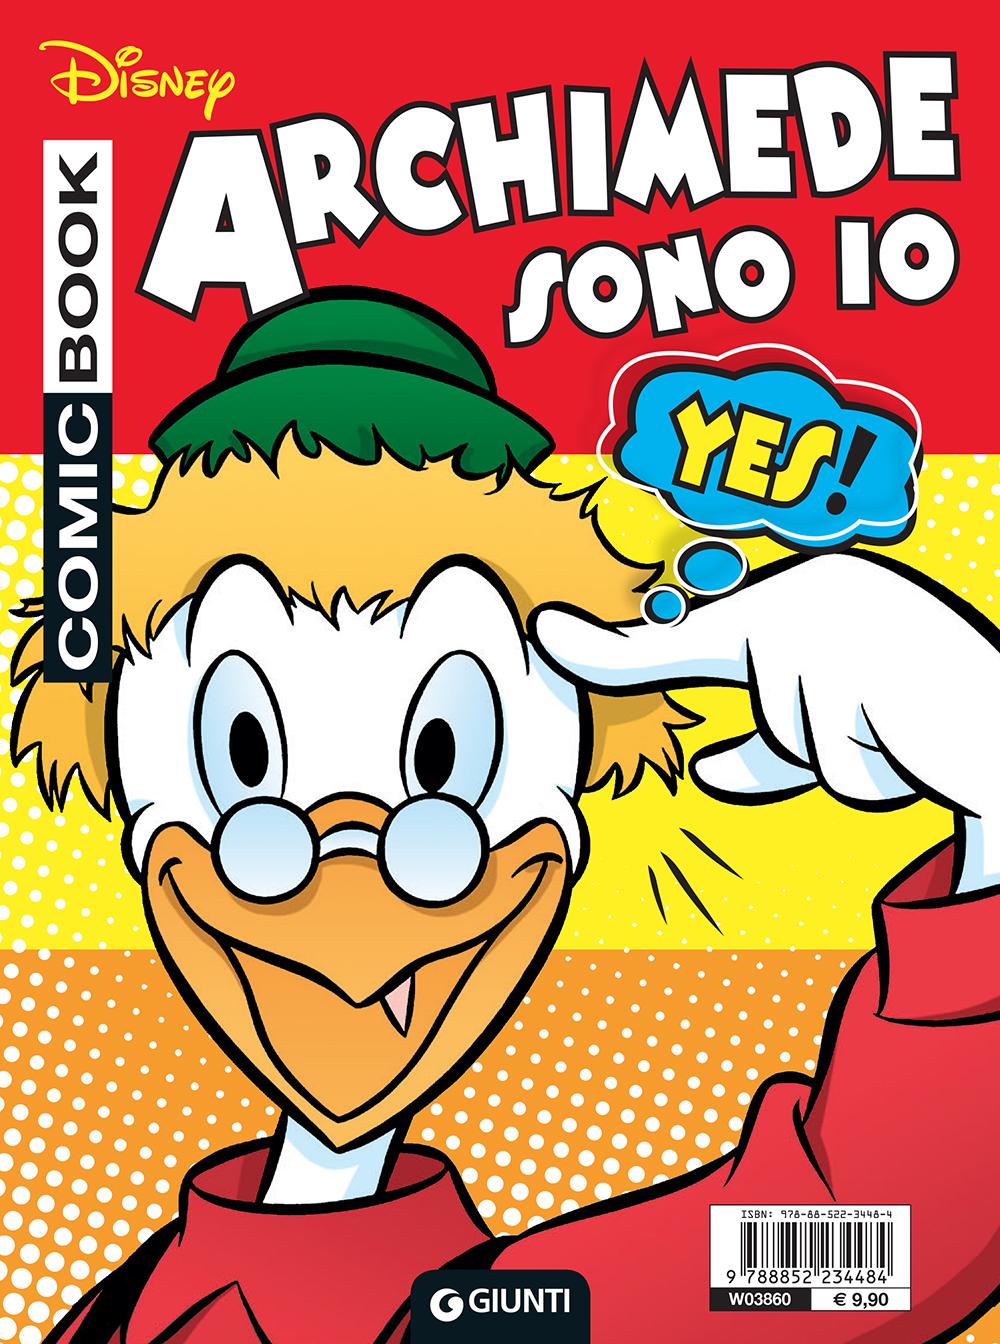 Comic Book - Paperino sono io e Archimede sono io